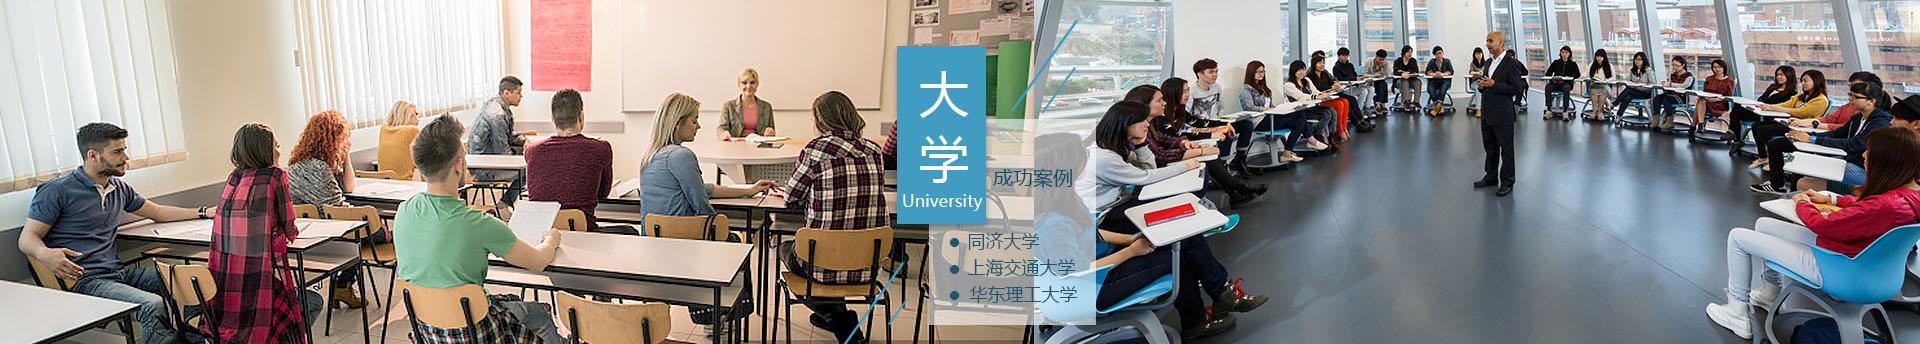 国际学校家具-学生课桌椅-学生宿舍床-未来教室家具-上海诗敏学校家具厂家